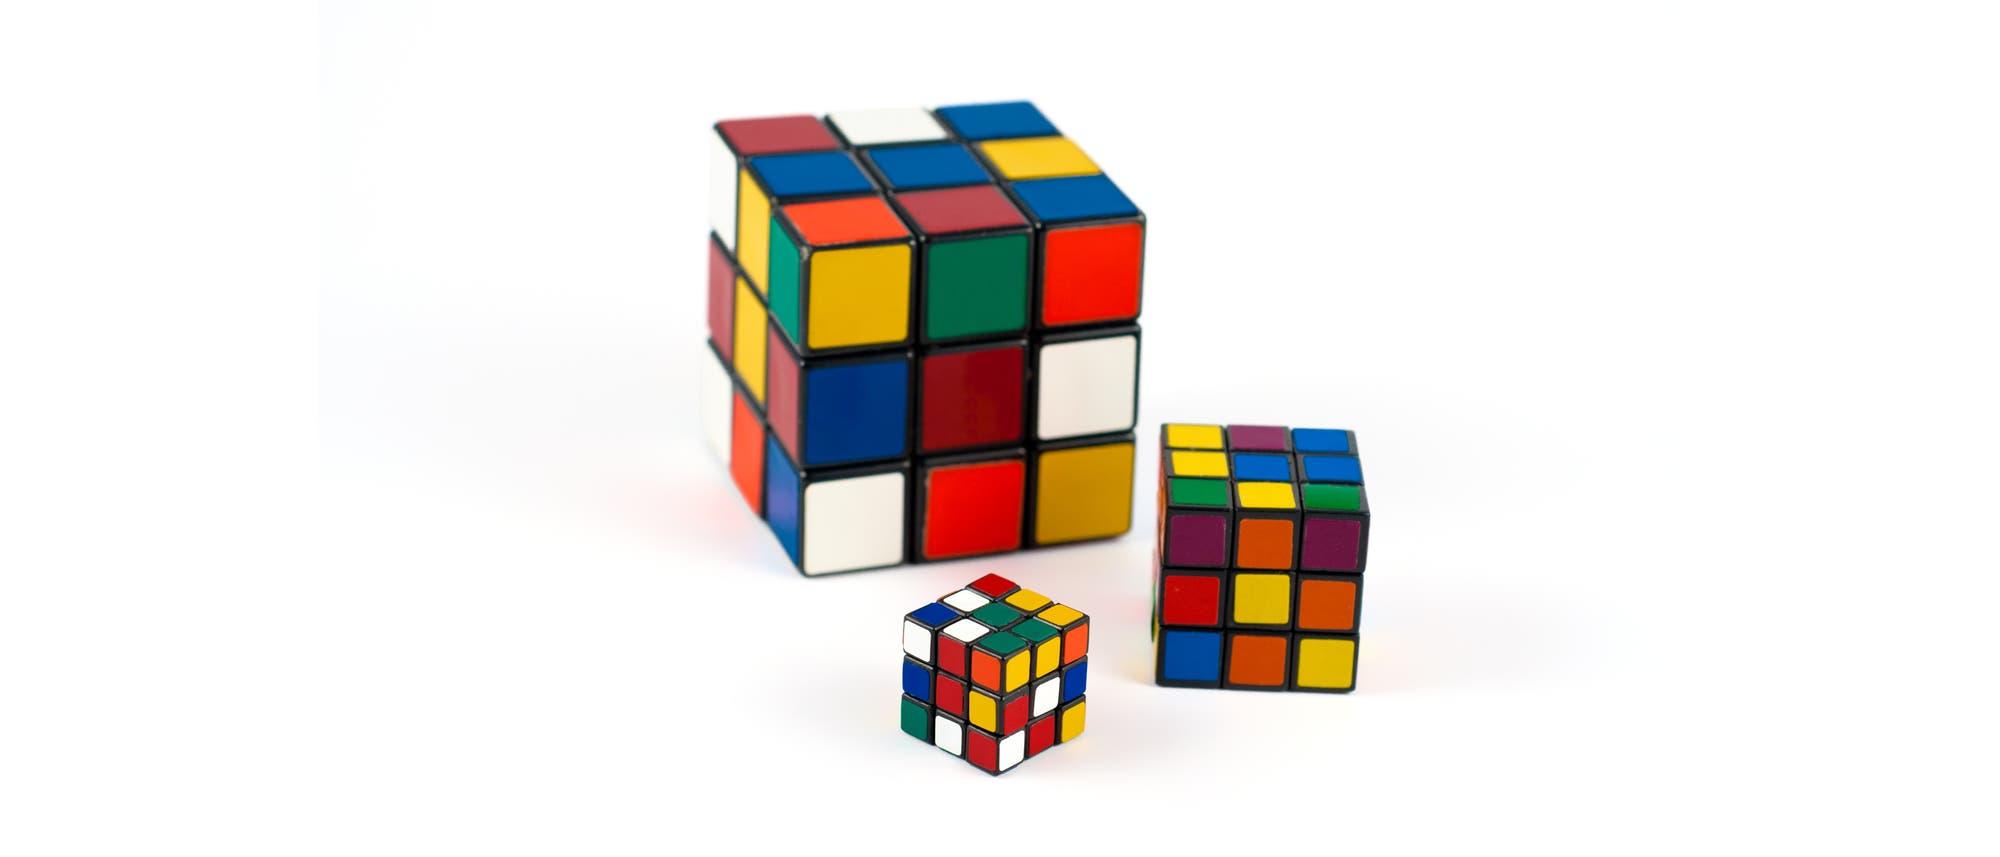 Drei Rubik-Würfel unterschiedlicher Größe auf weißem Grund.